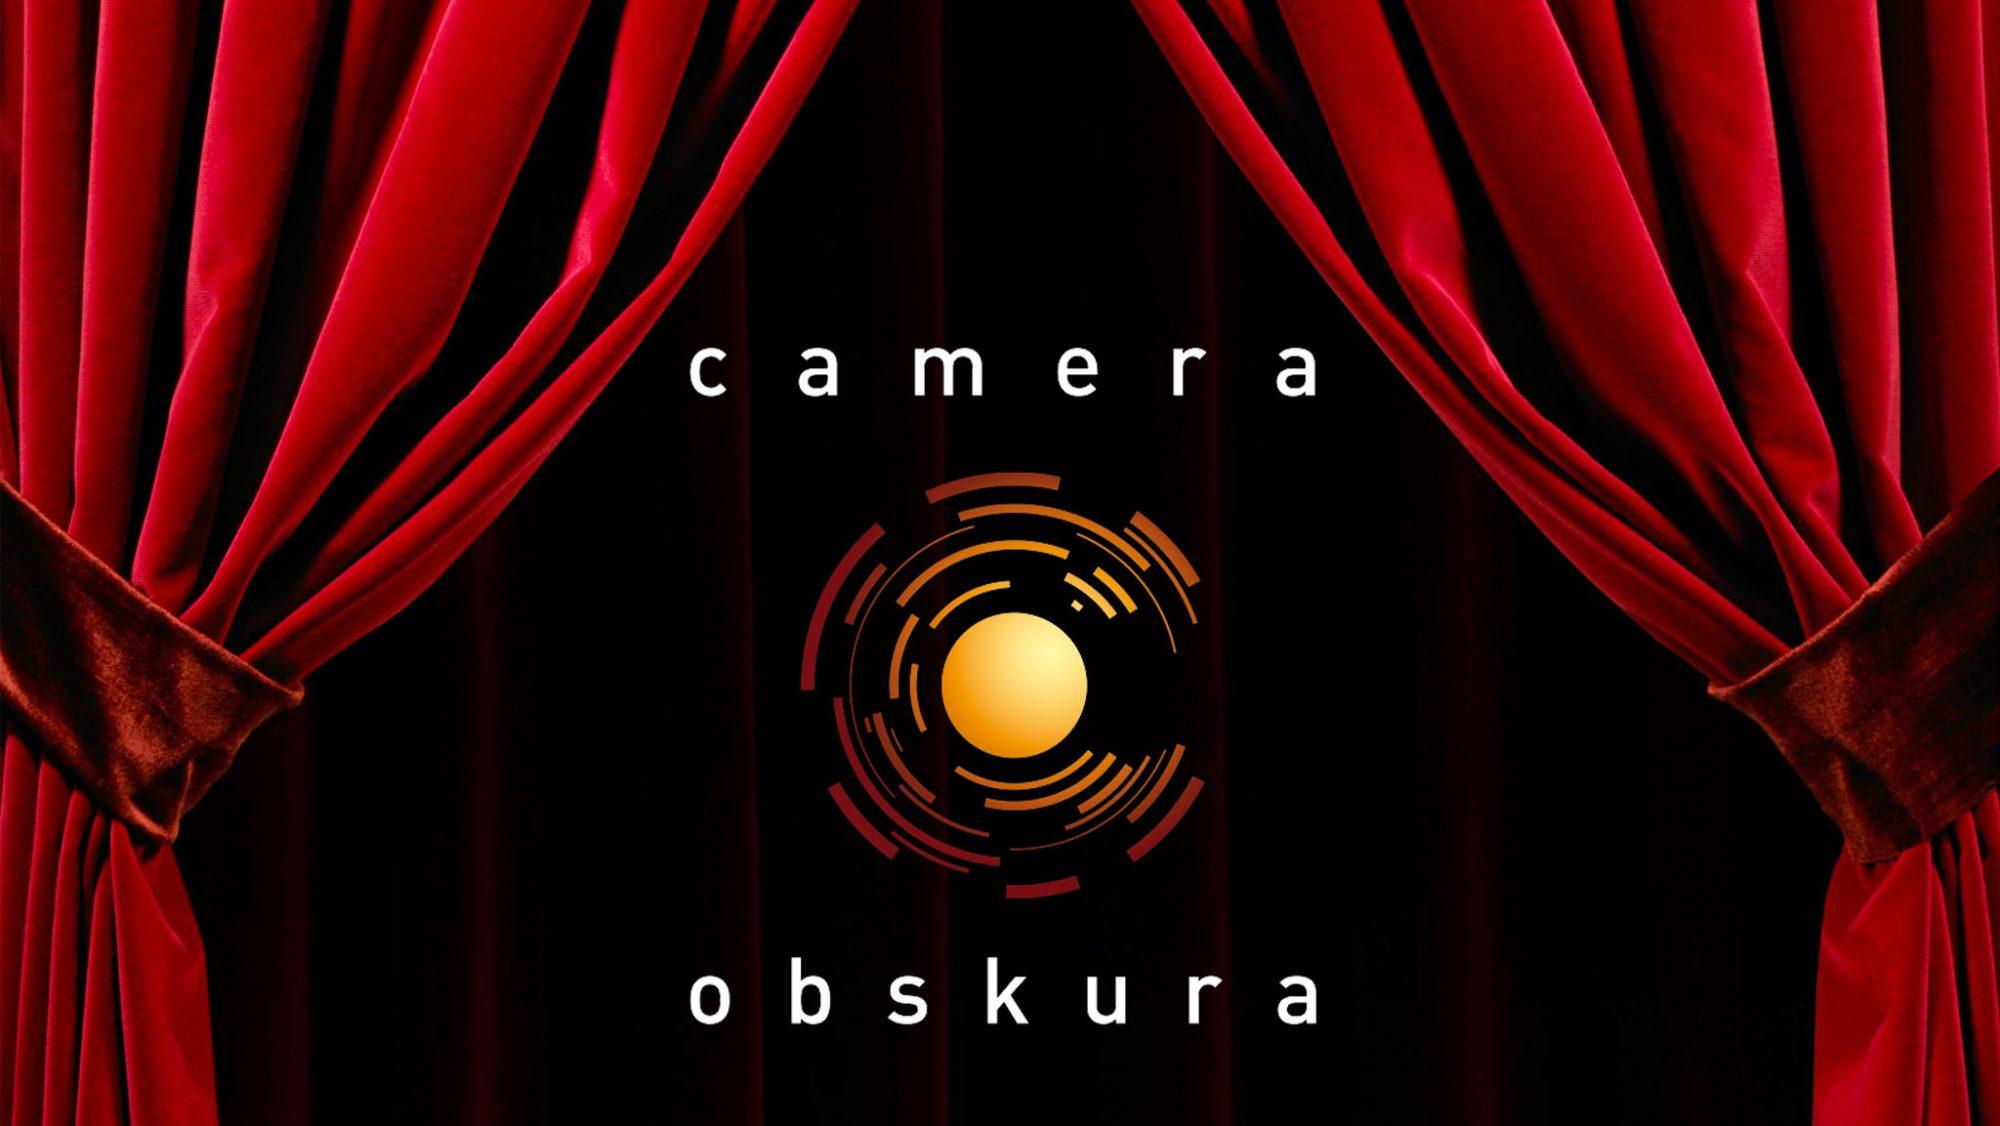 Good Night Obskura, and Good Luck Camera Obskura